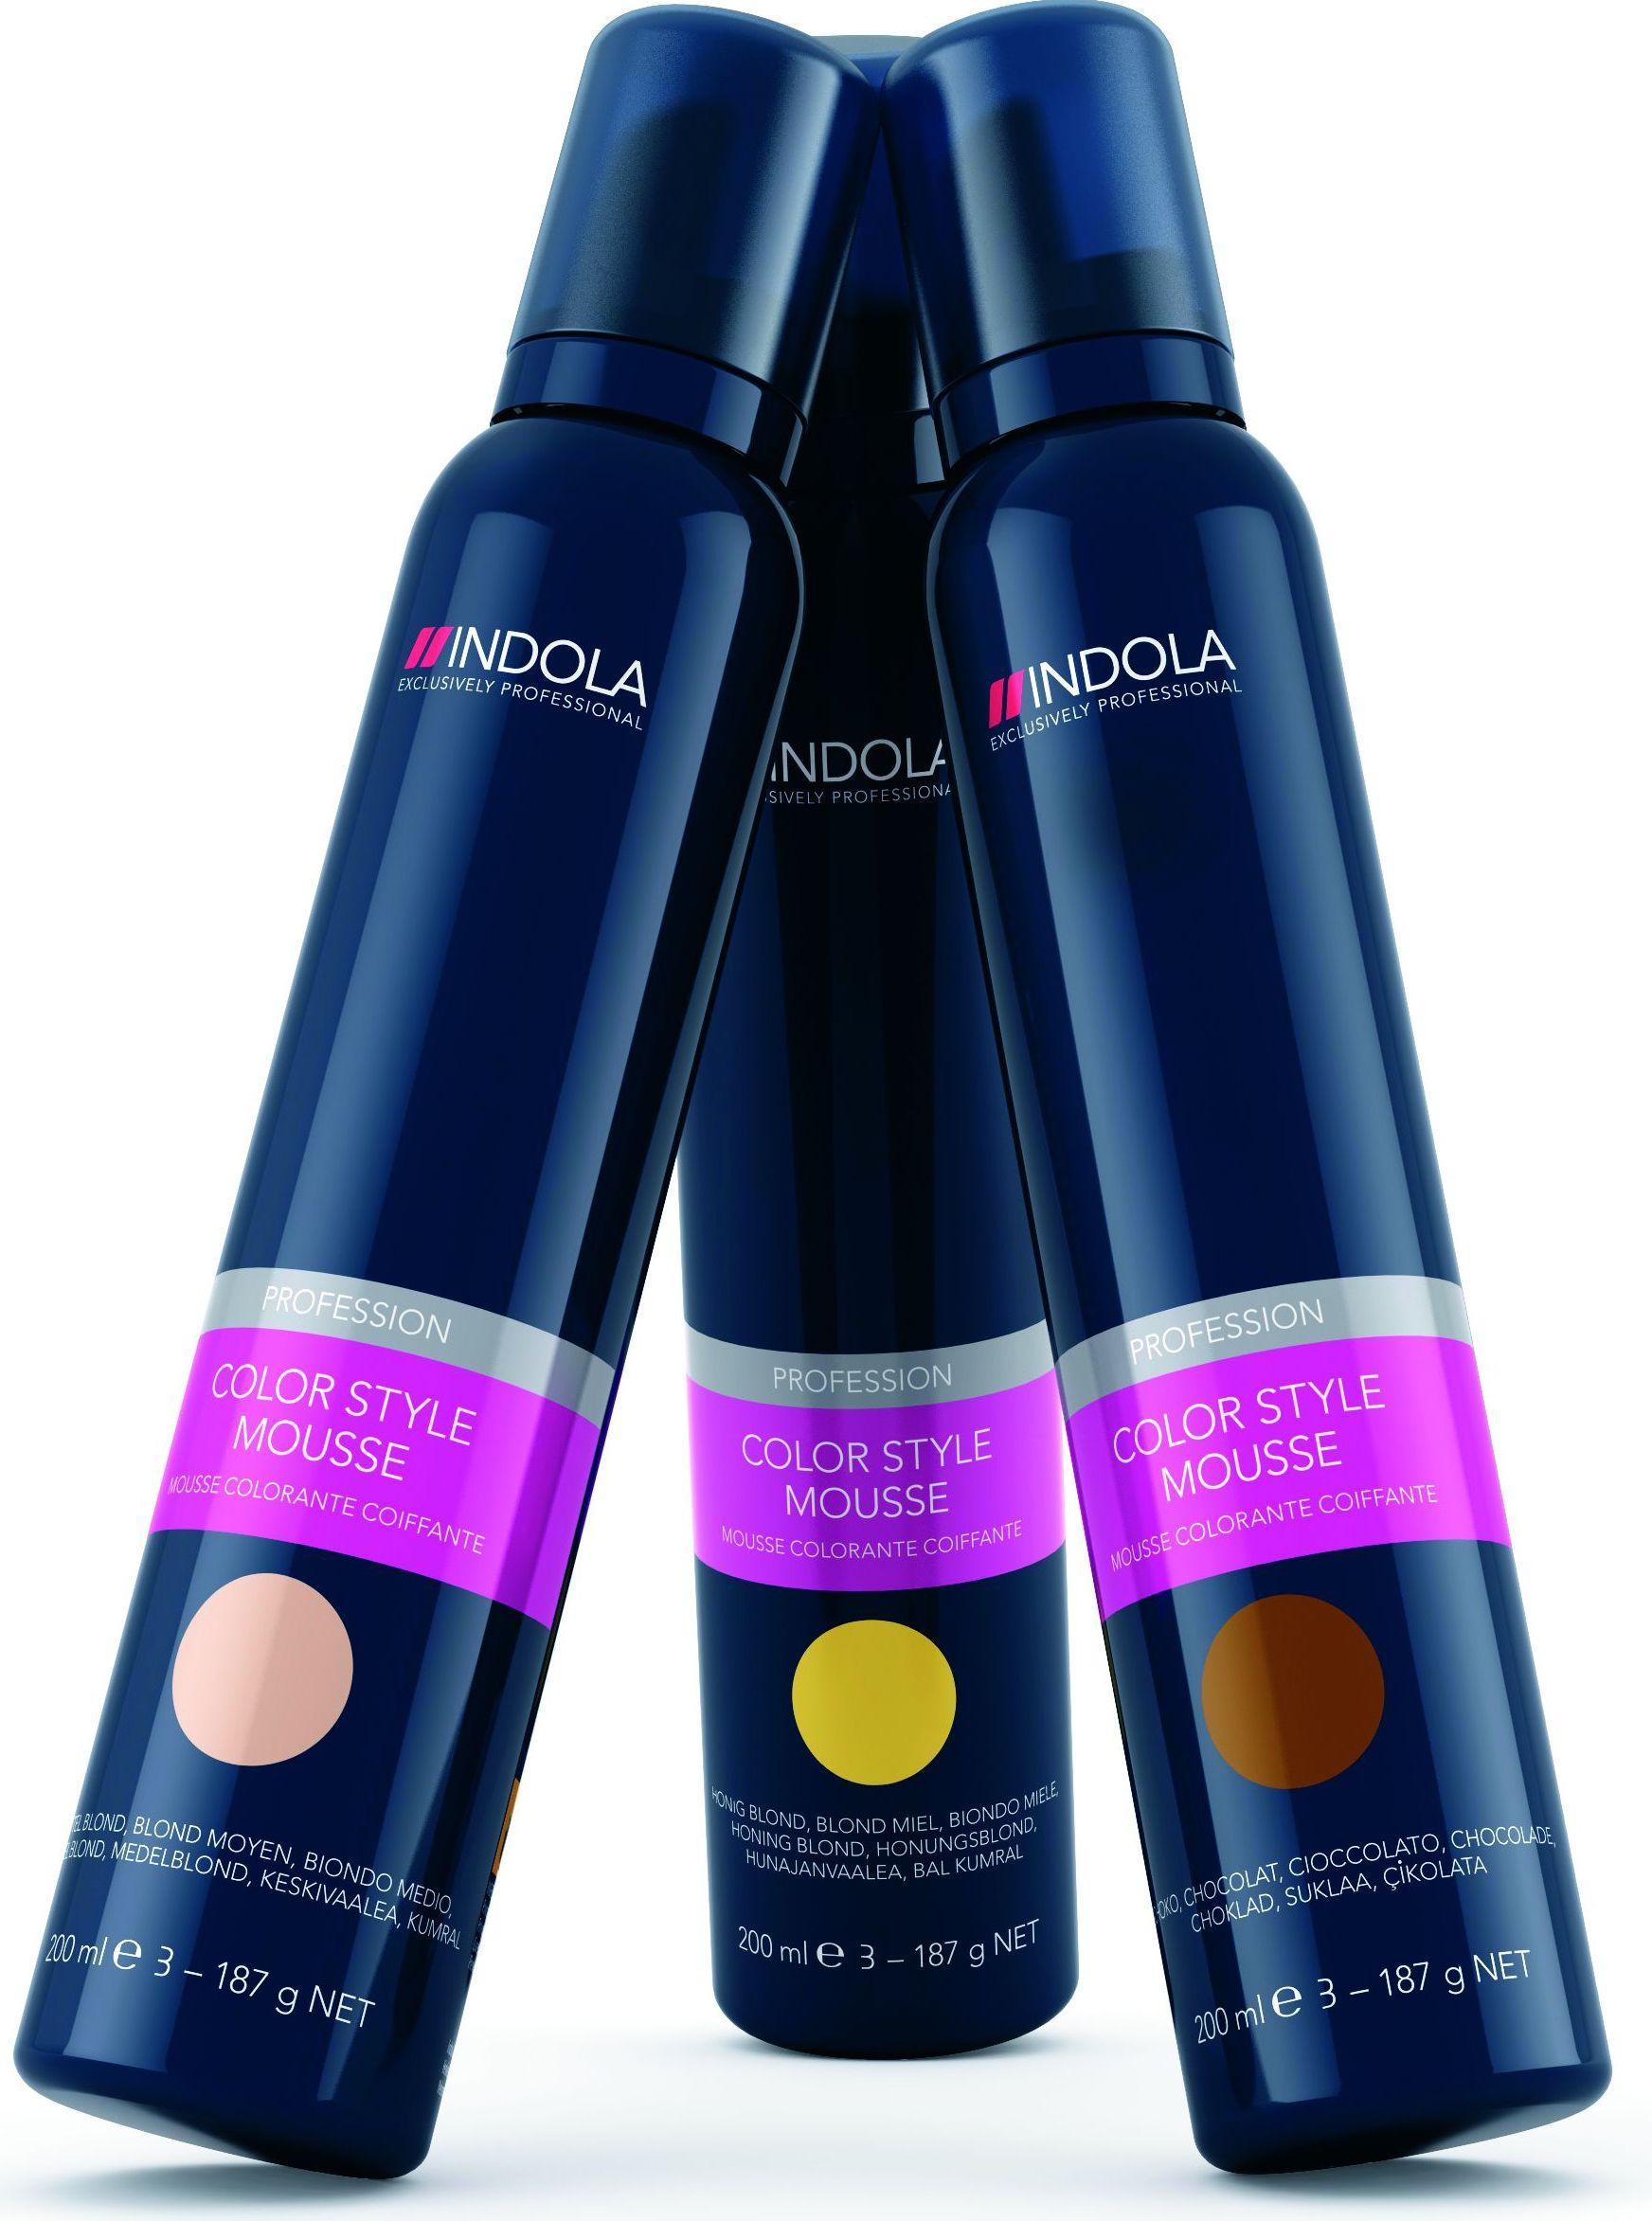 Indola Colour Style Mousse